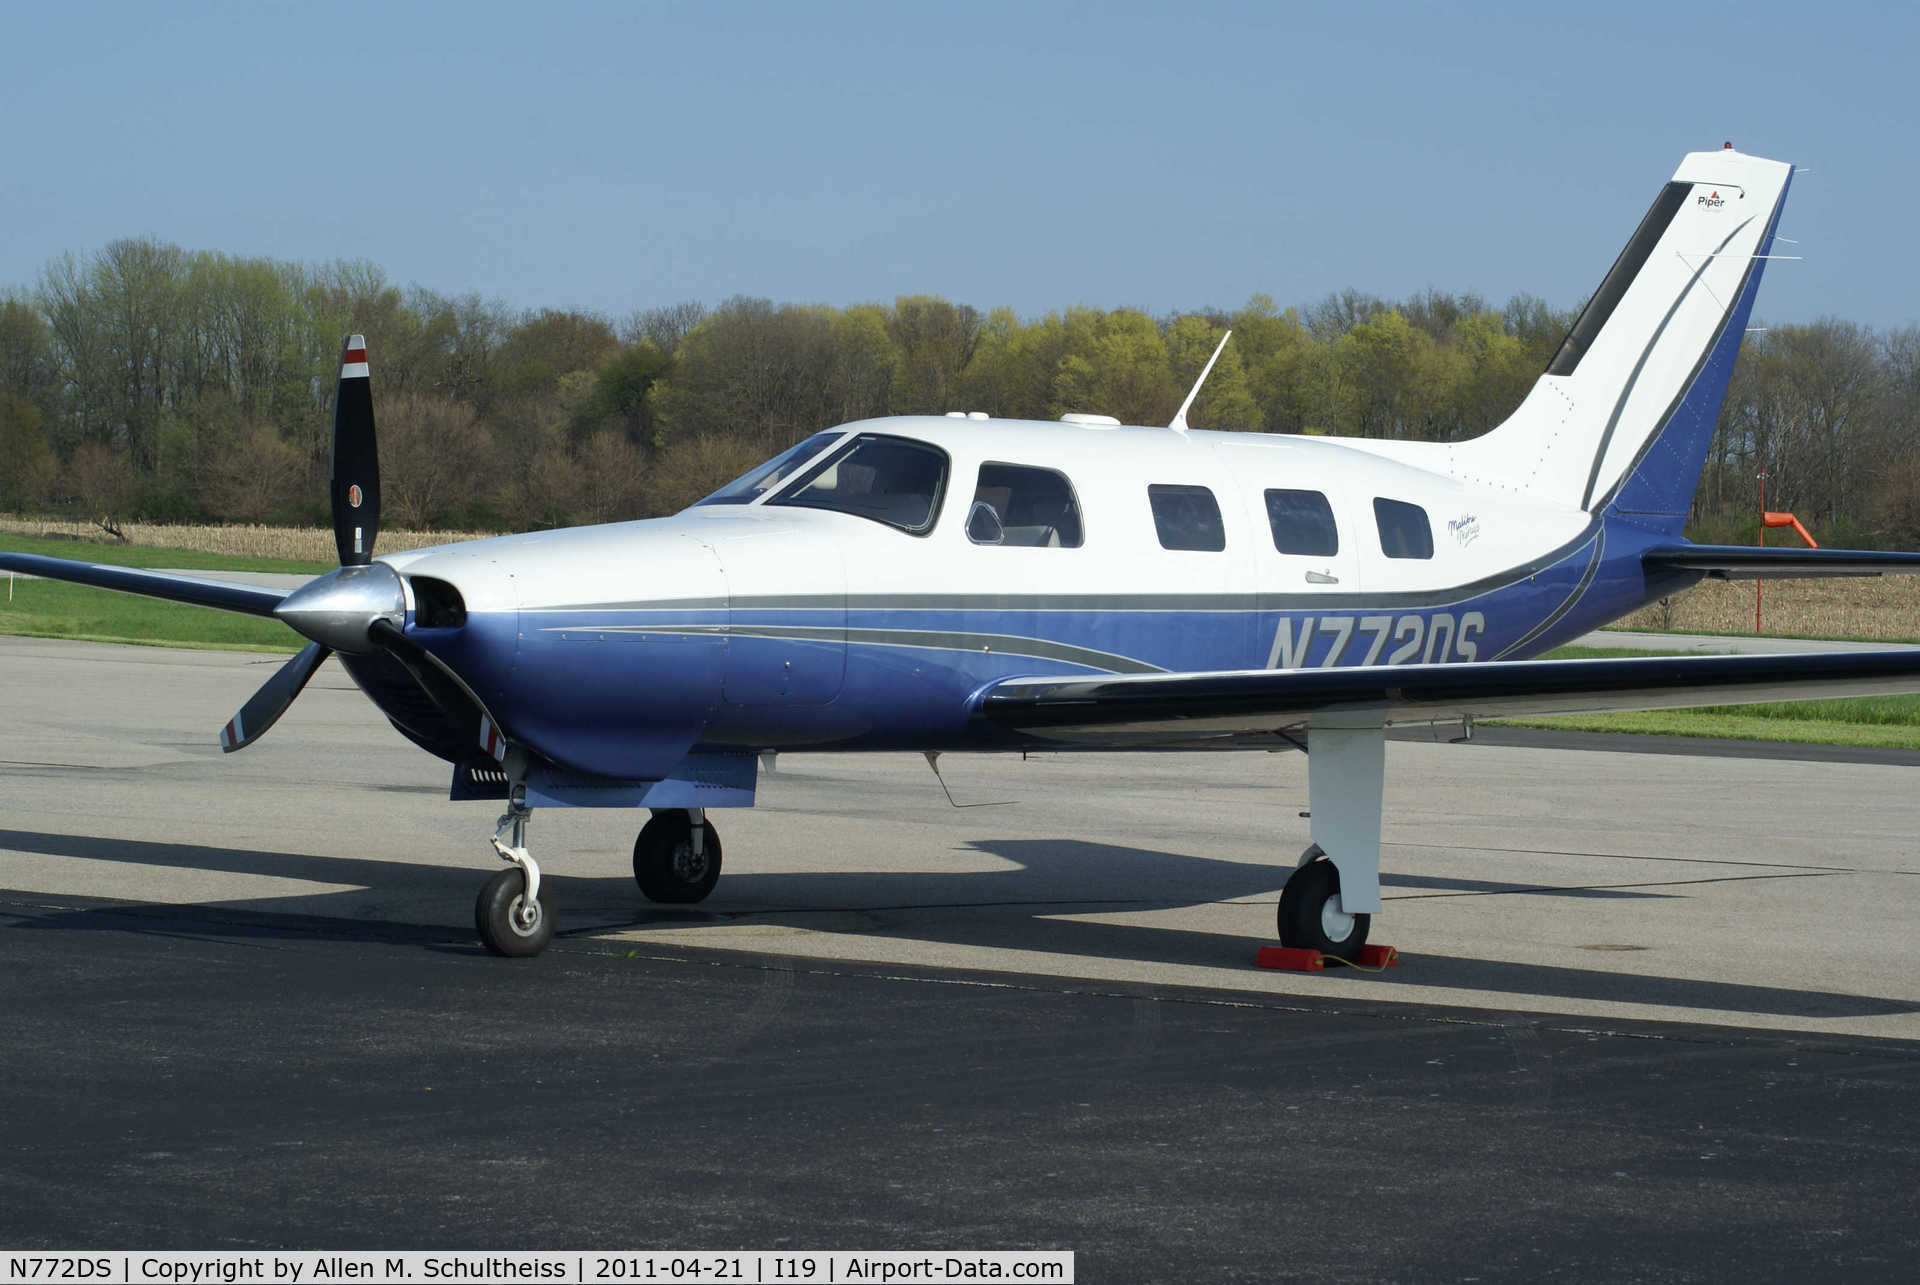 N772DS, 2002 Piper PA-46-350P Malibu Mirage C/N 4636338, 2002 Piper PA 46-350P Malibu